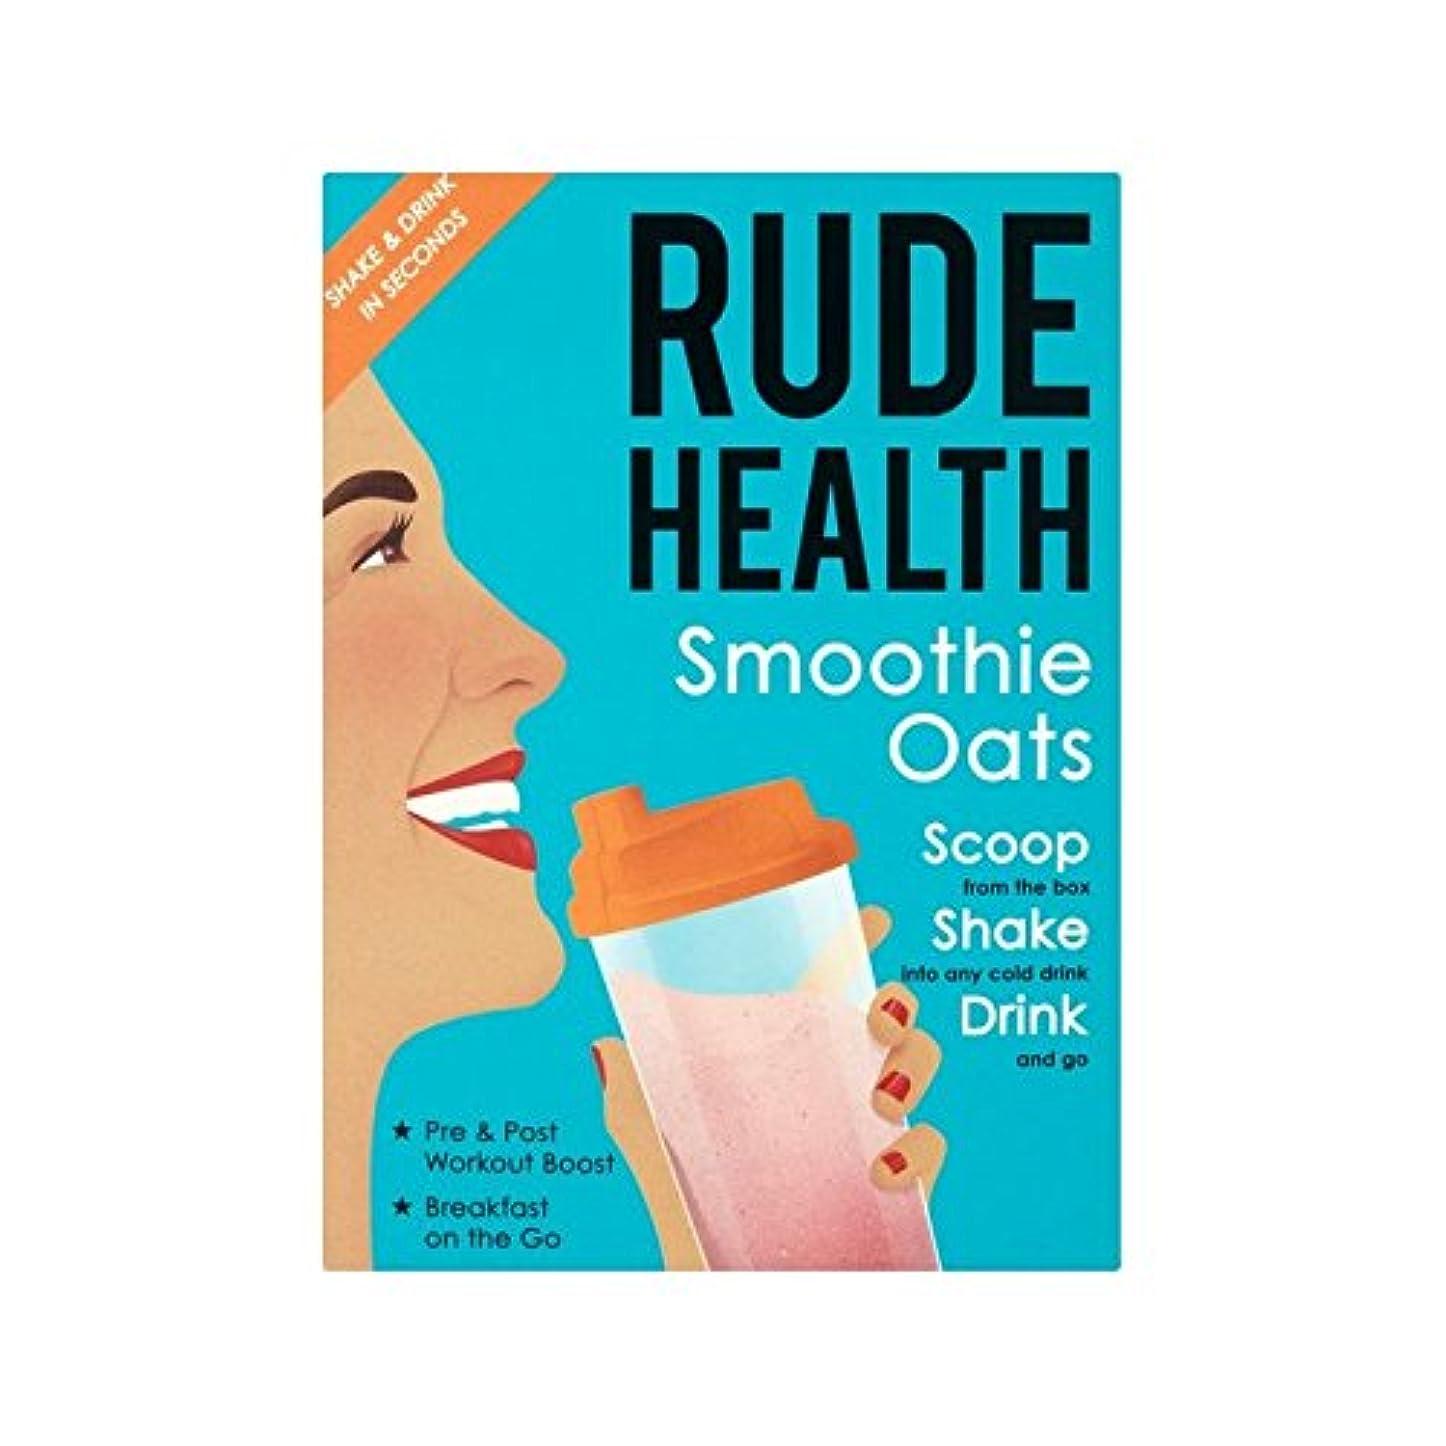 スムージーオート麦250グラム (Rude Health) - Rude Health Smoothie Oats 250g [並行輸入品]